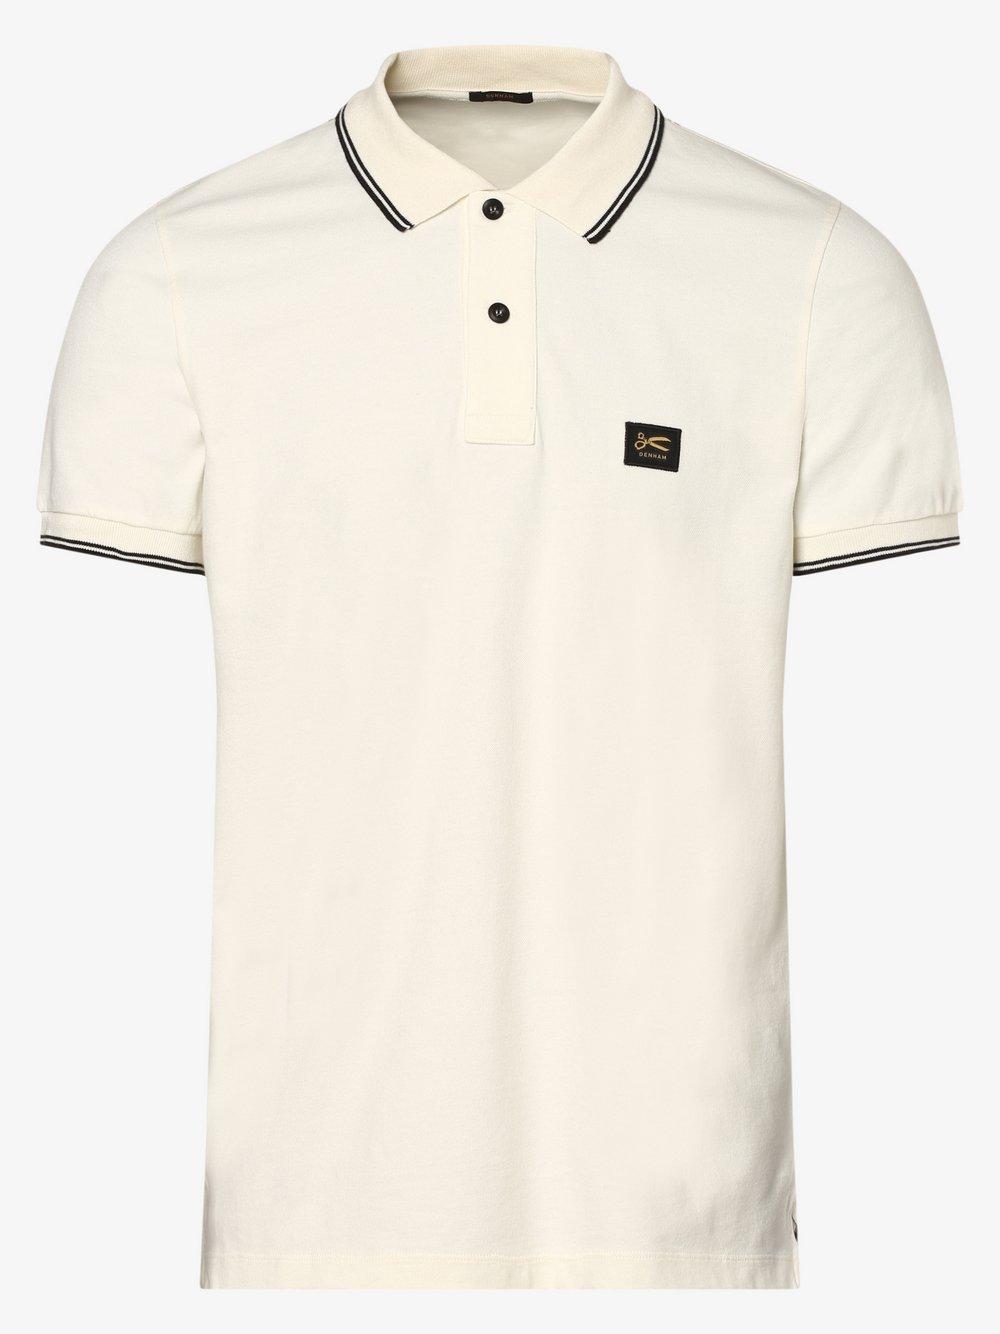 DENHAM – Męska koszulka polo, biały Van Graaf 473187-0001-09990